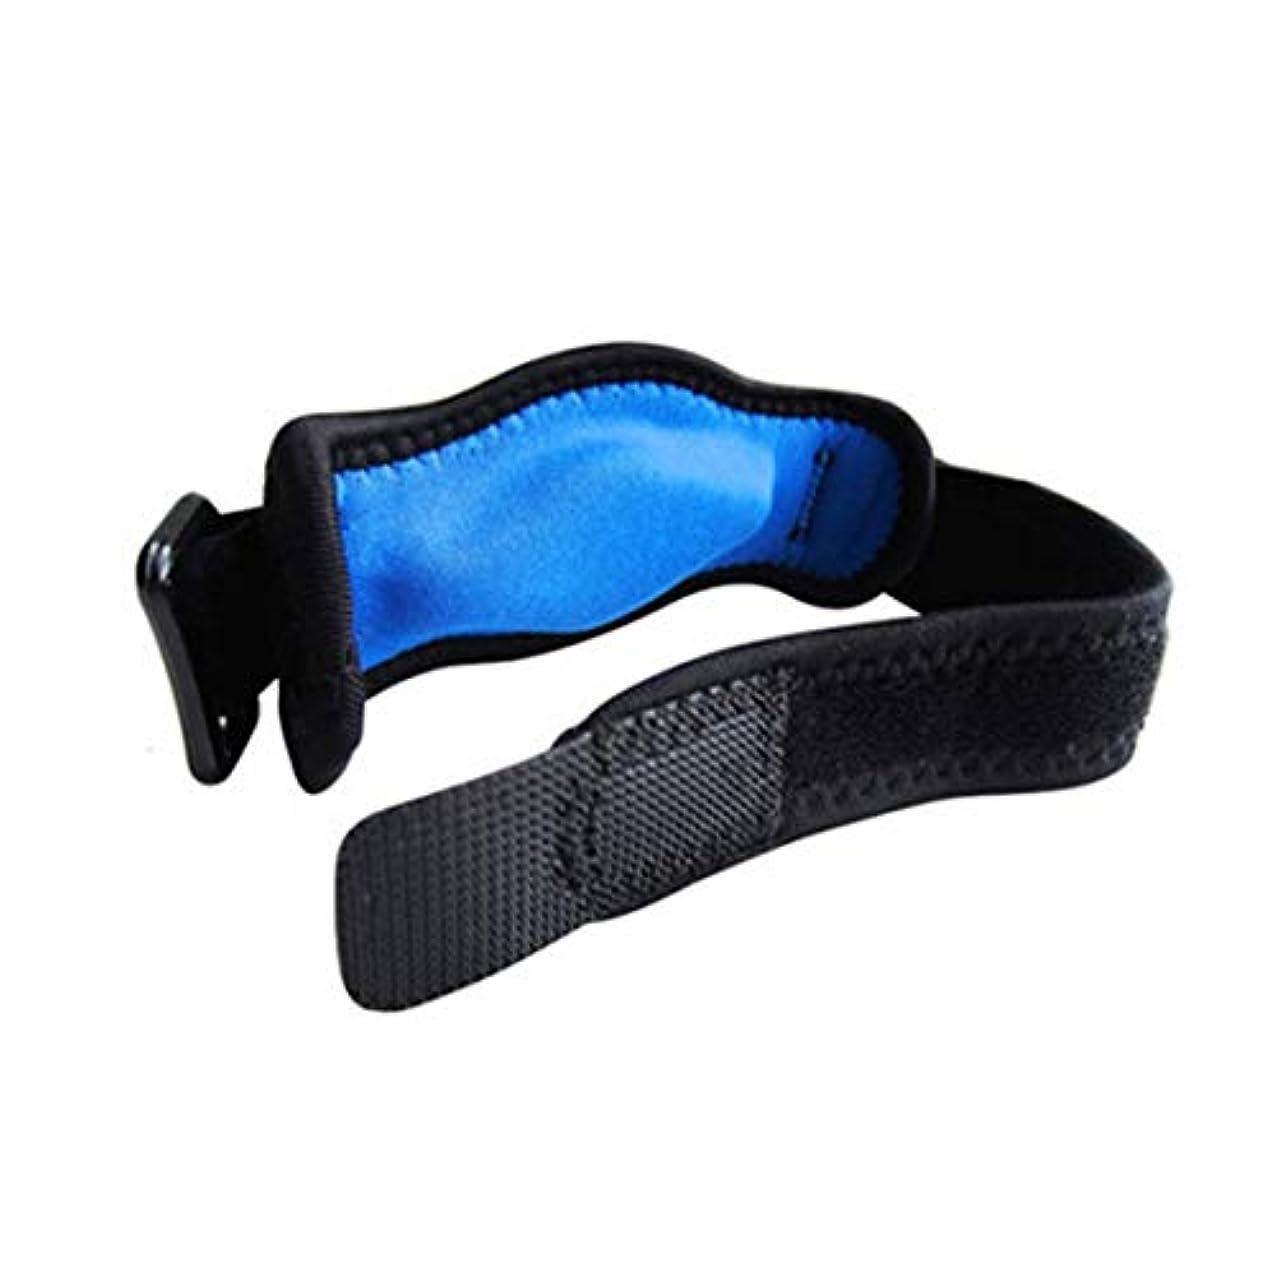 調節可能なテニス肘サポートストラップブレースゴルフ前腕痛み緩和 - 黒